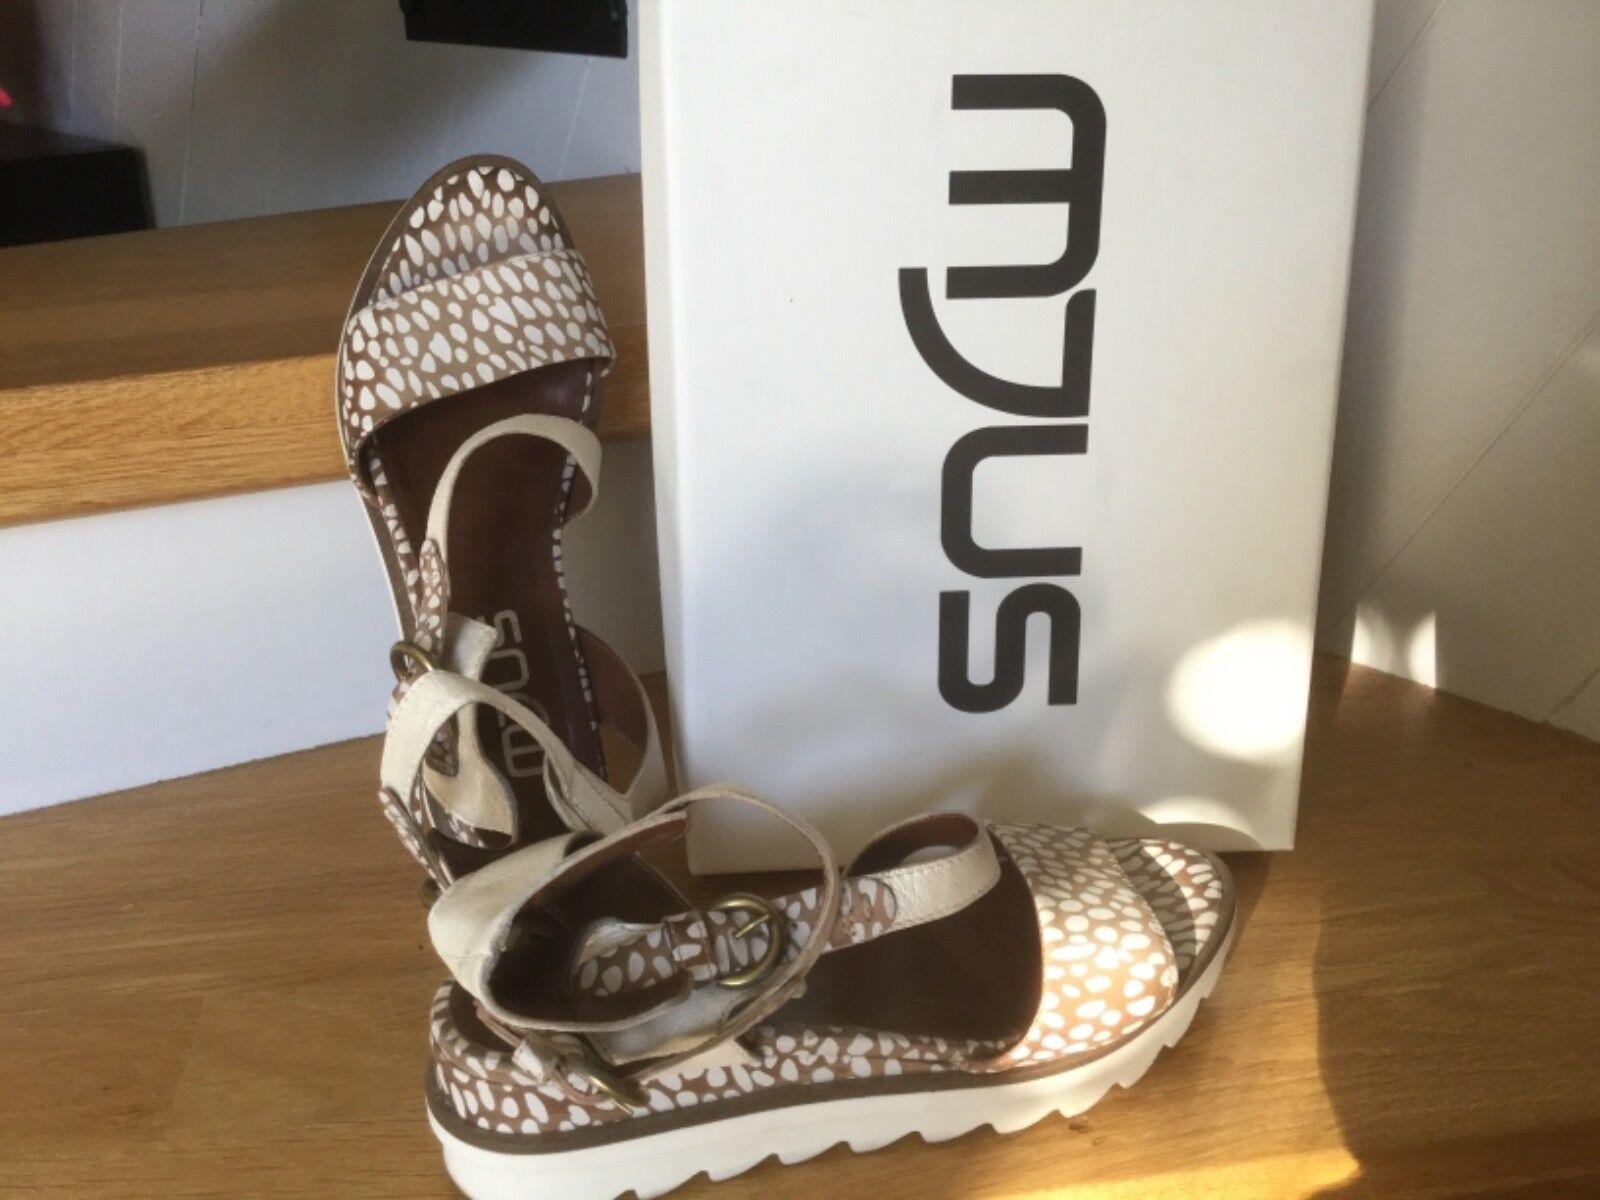 Chaussures Chaussures Chaussures Mjus sandales Corda Bianco beige blanc taille 39 parfait état ad8822